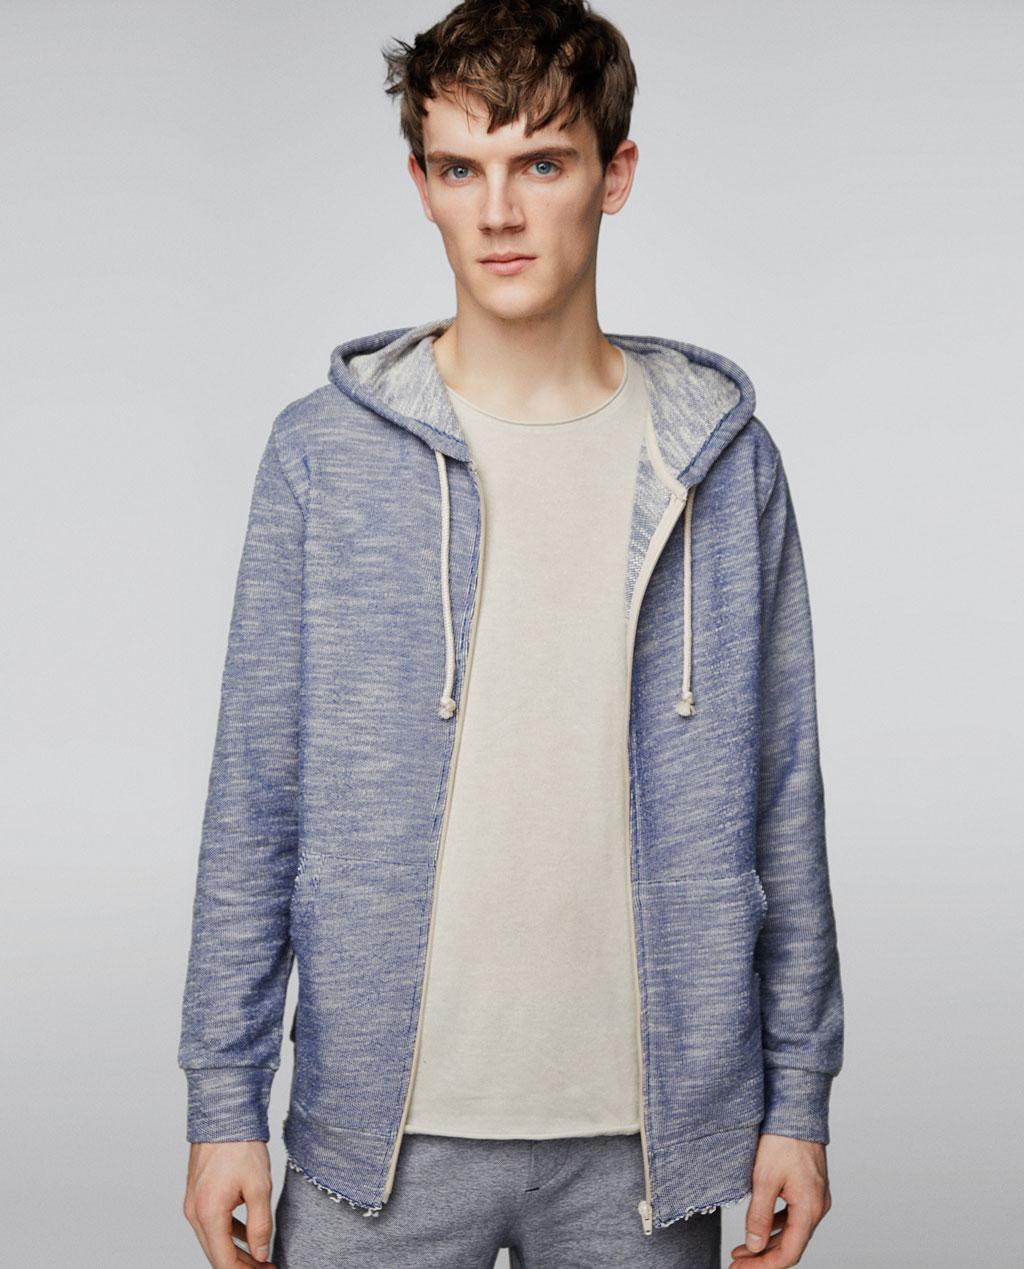 Thời trang nam Zara  23921 - ảnh 4